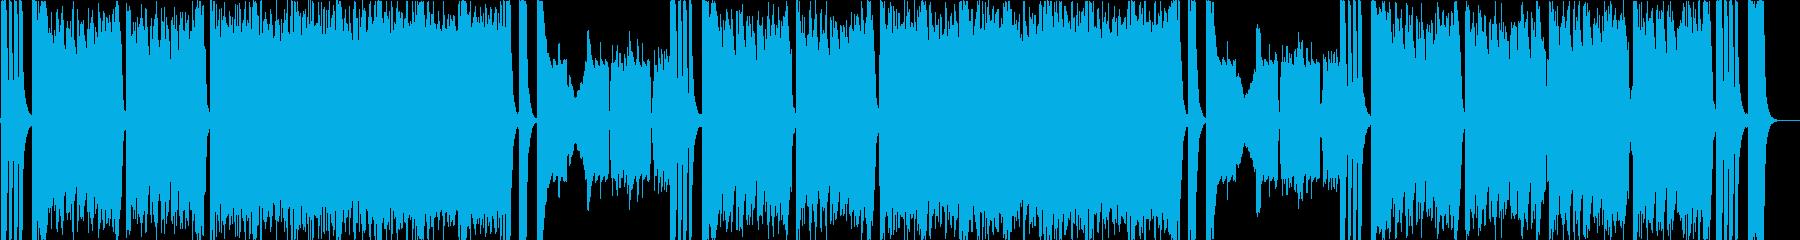 ハプニングやドタバタシーンのコミカル曲bの再生済みの波形